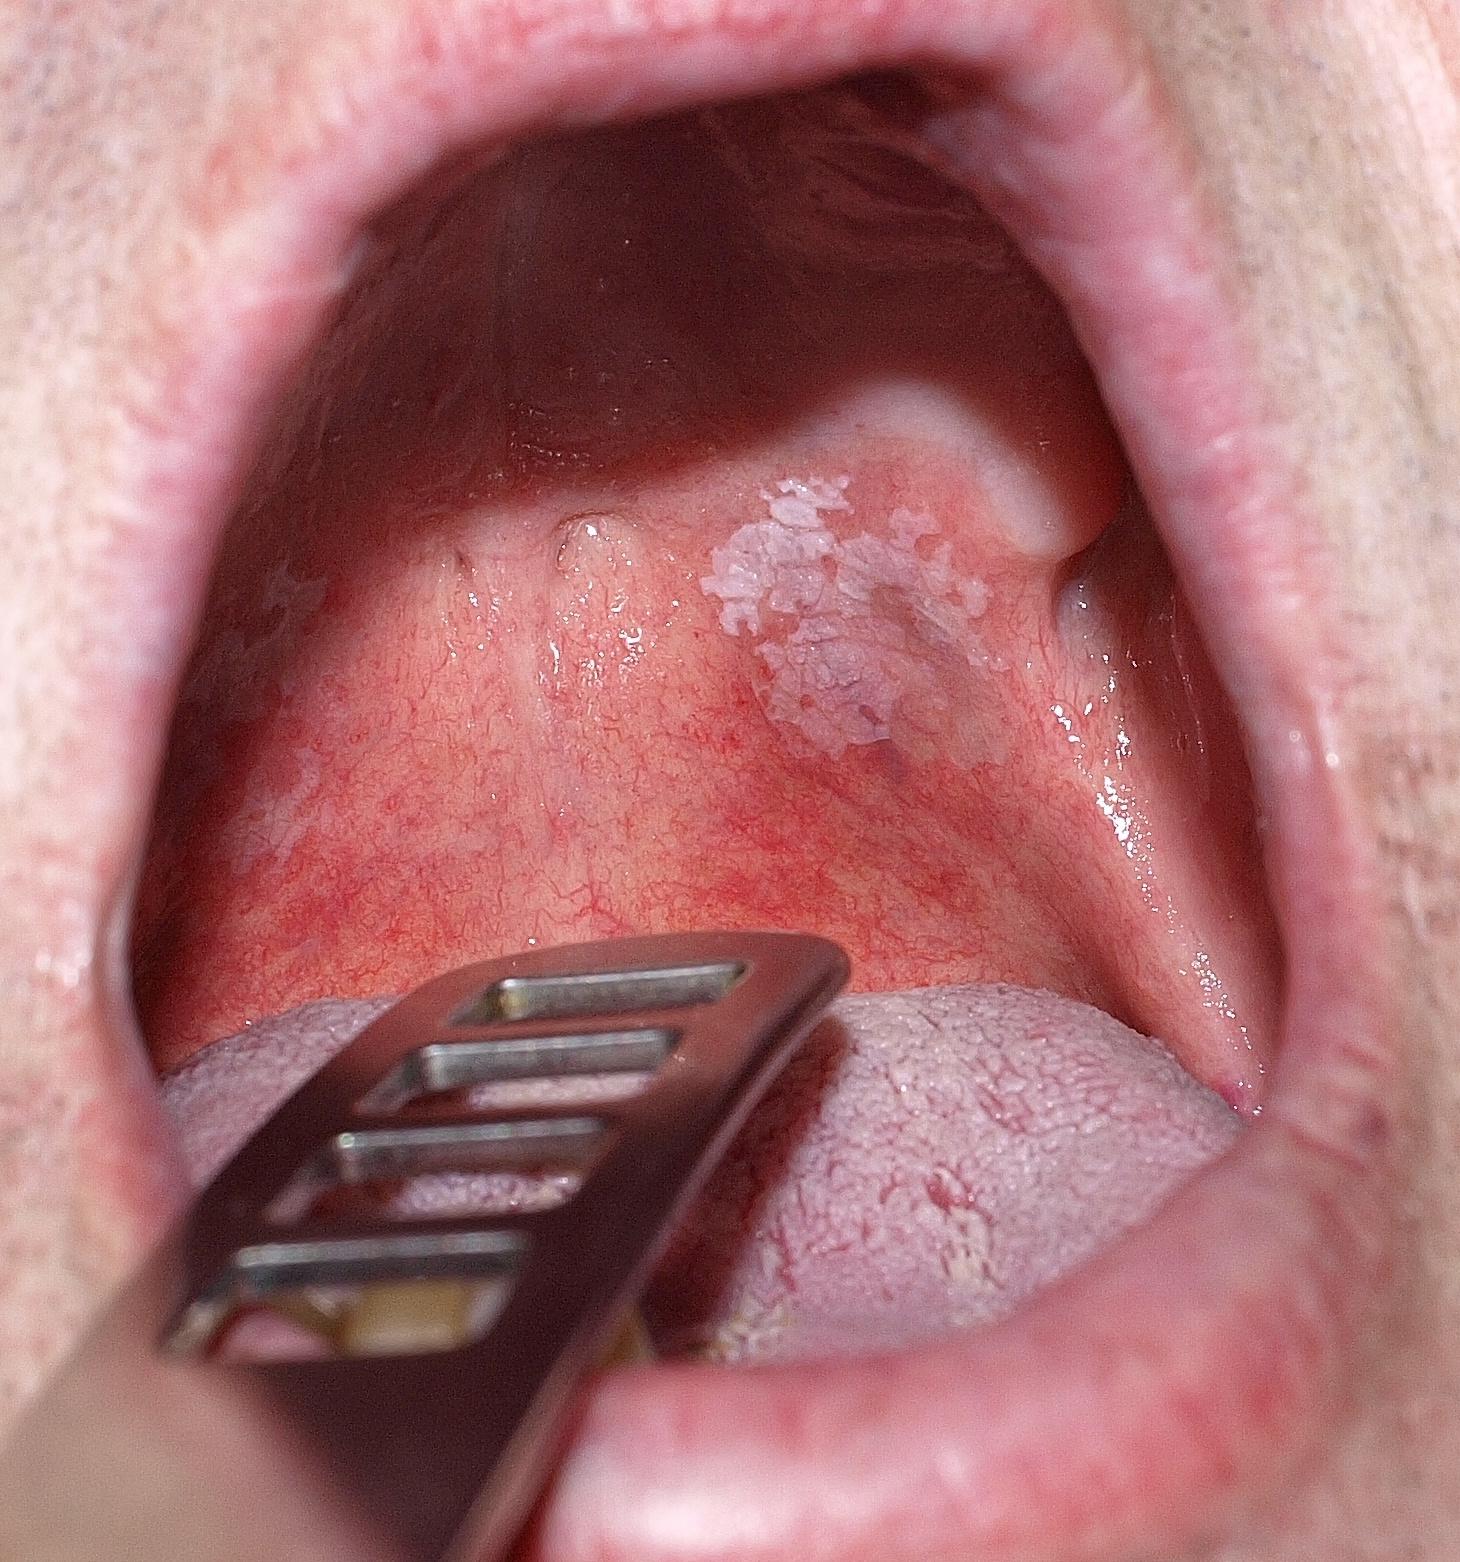 hpv szemölcs a nyelv kezelésén